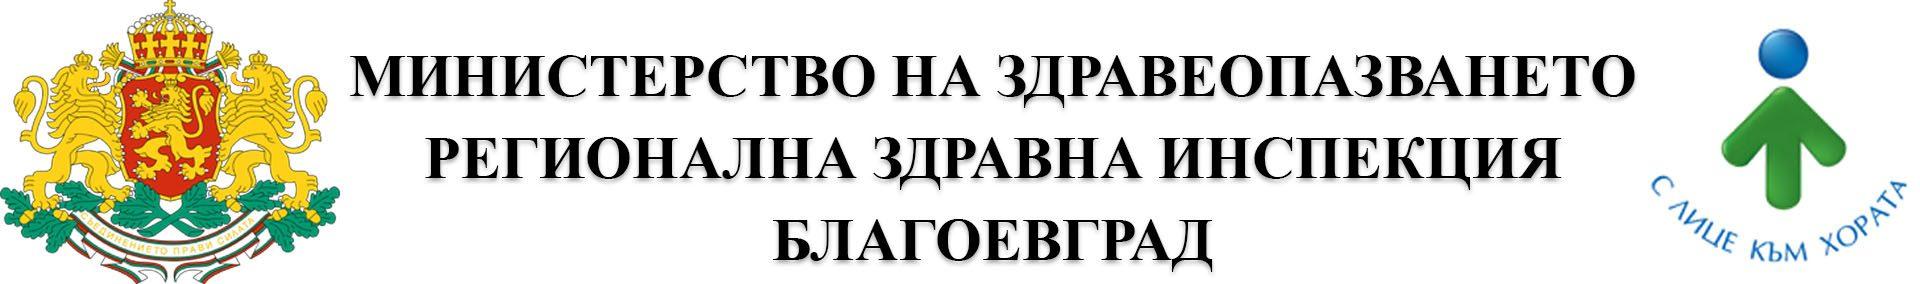 РЗИ Благоевград